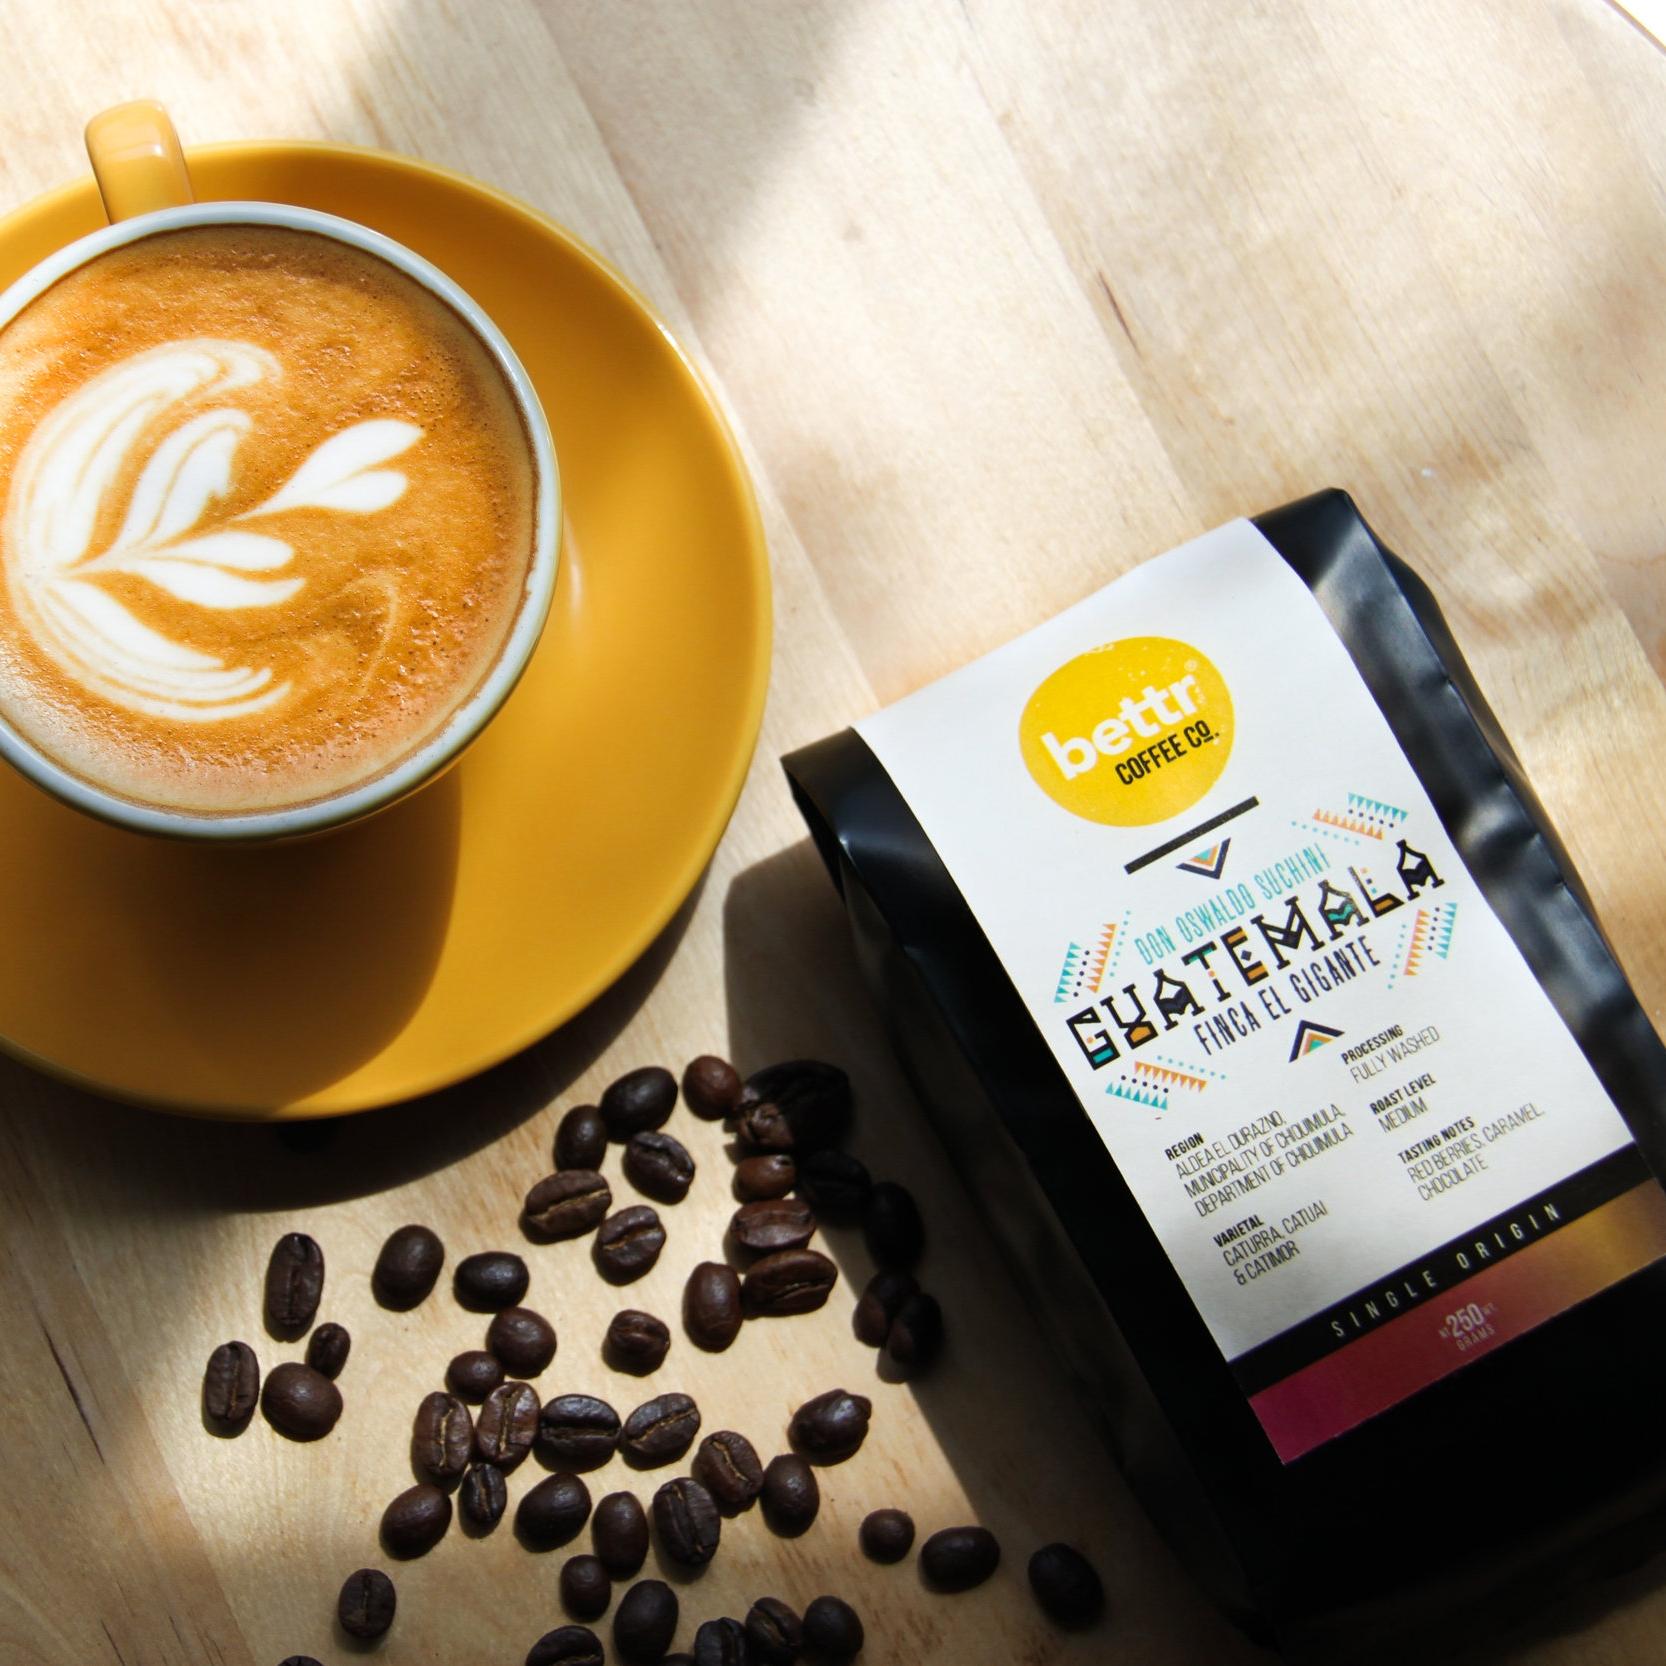 bettr-coffee-guatemala-finca-el-gigante